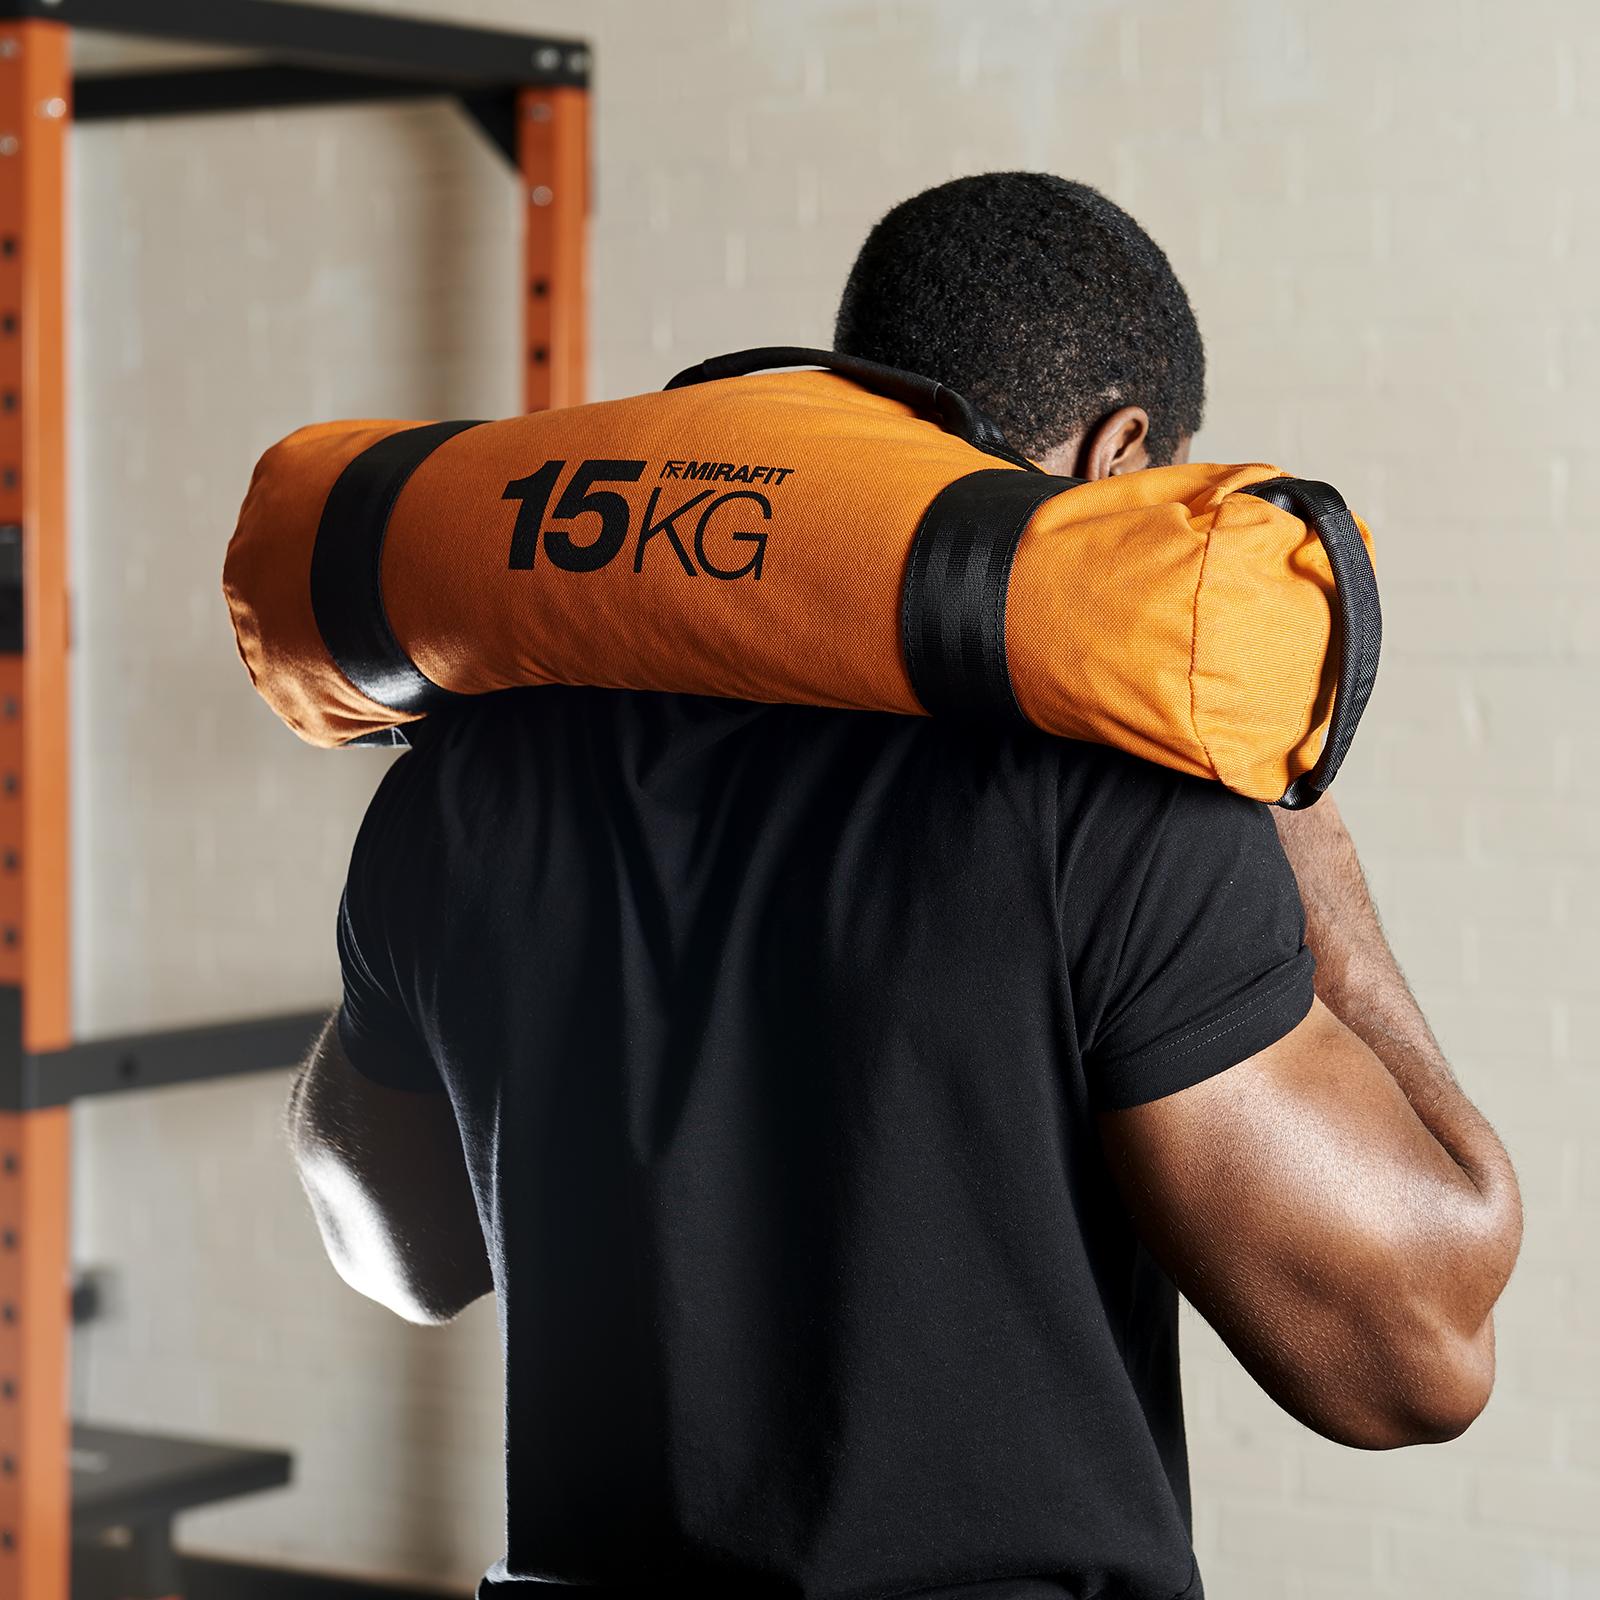 Choix de Taille MiraFit Sacs de Sable Musculation Gym